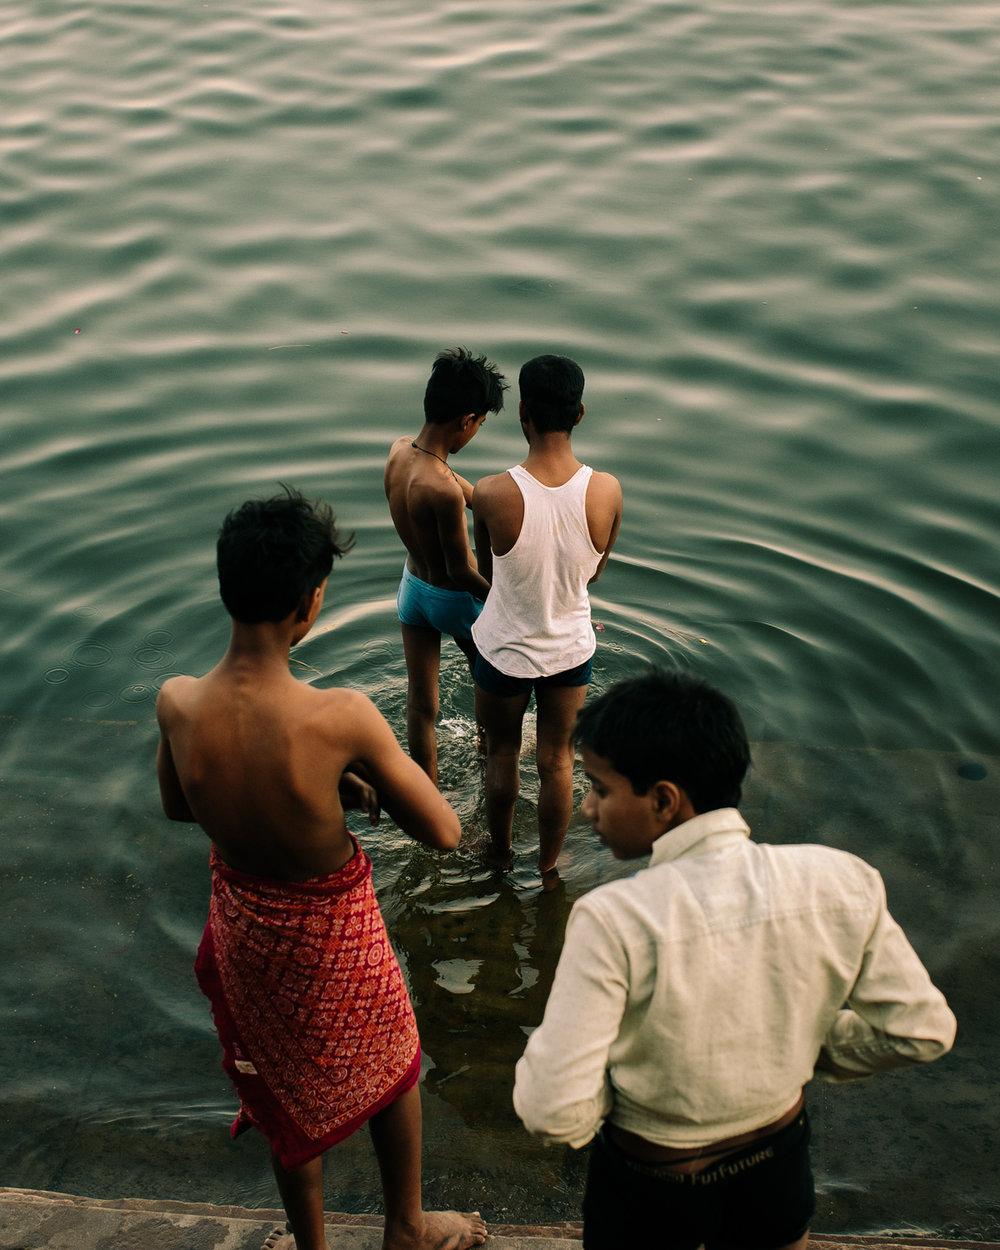 Bathing in the Ganges River, Varanasi, India, 2018 ,  Brian Flaherty